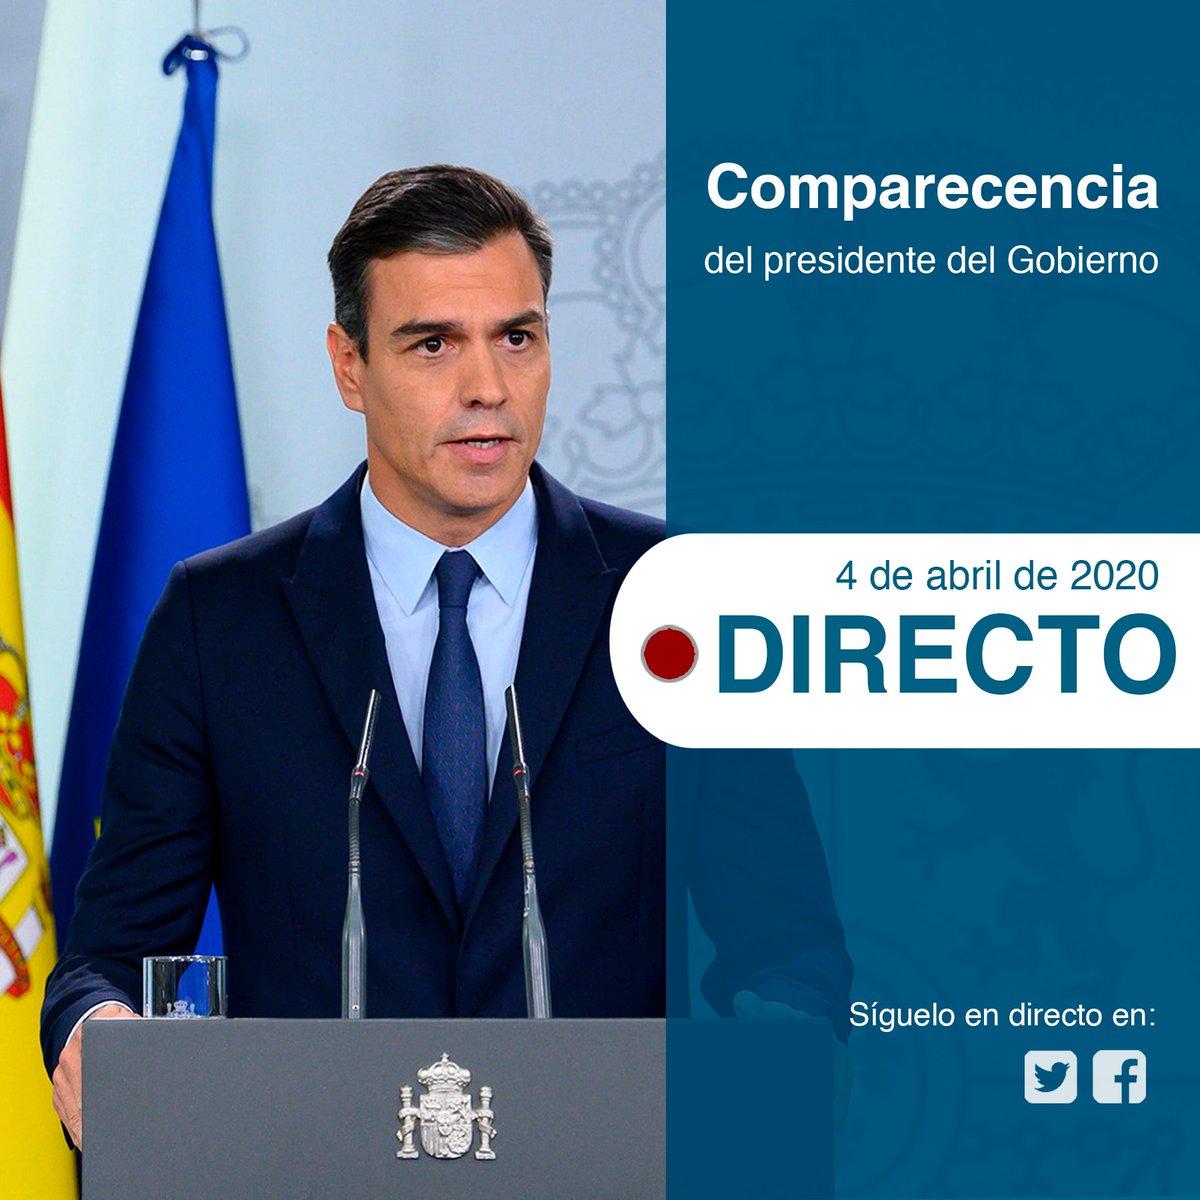 La Moncloa. El presidente del Gobierno, @sanchezcas...: abre ventana nueva